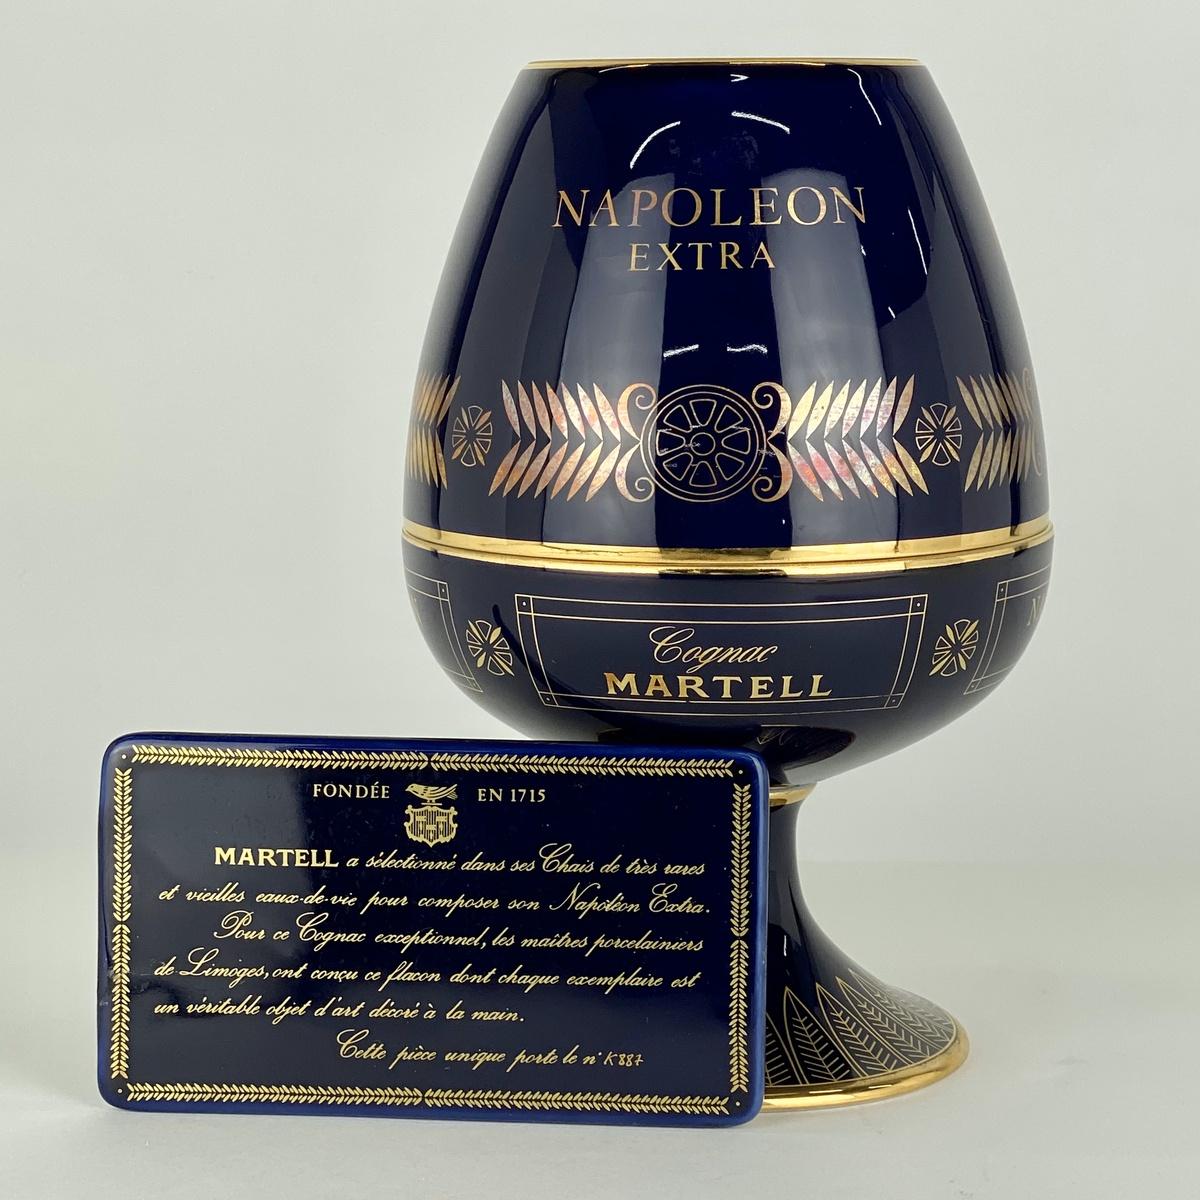 マーテル MARTELL ナポレオン エクストラ リモージュボトル 700ml ブランデー コニャック 【古酒】